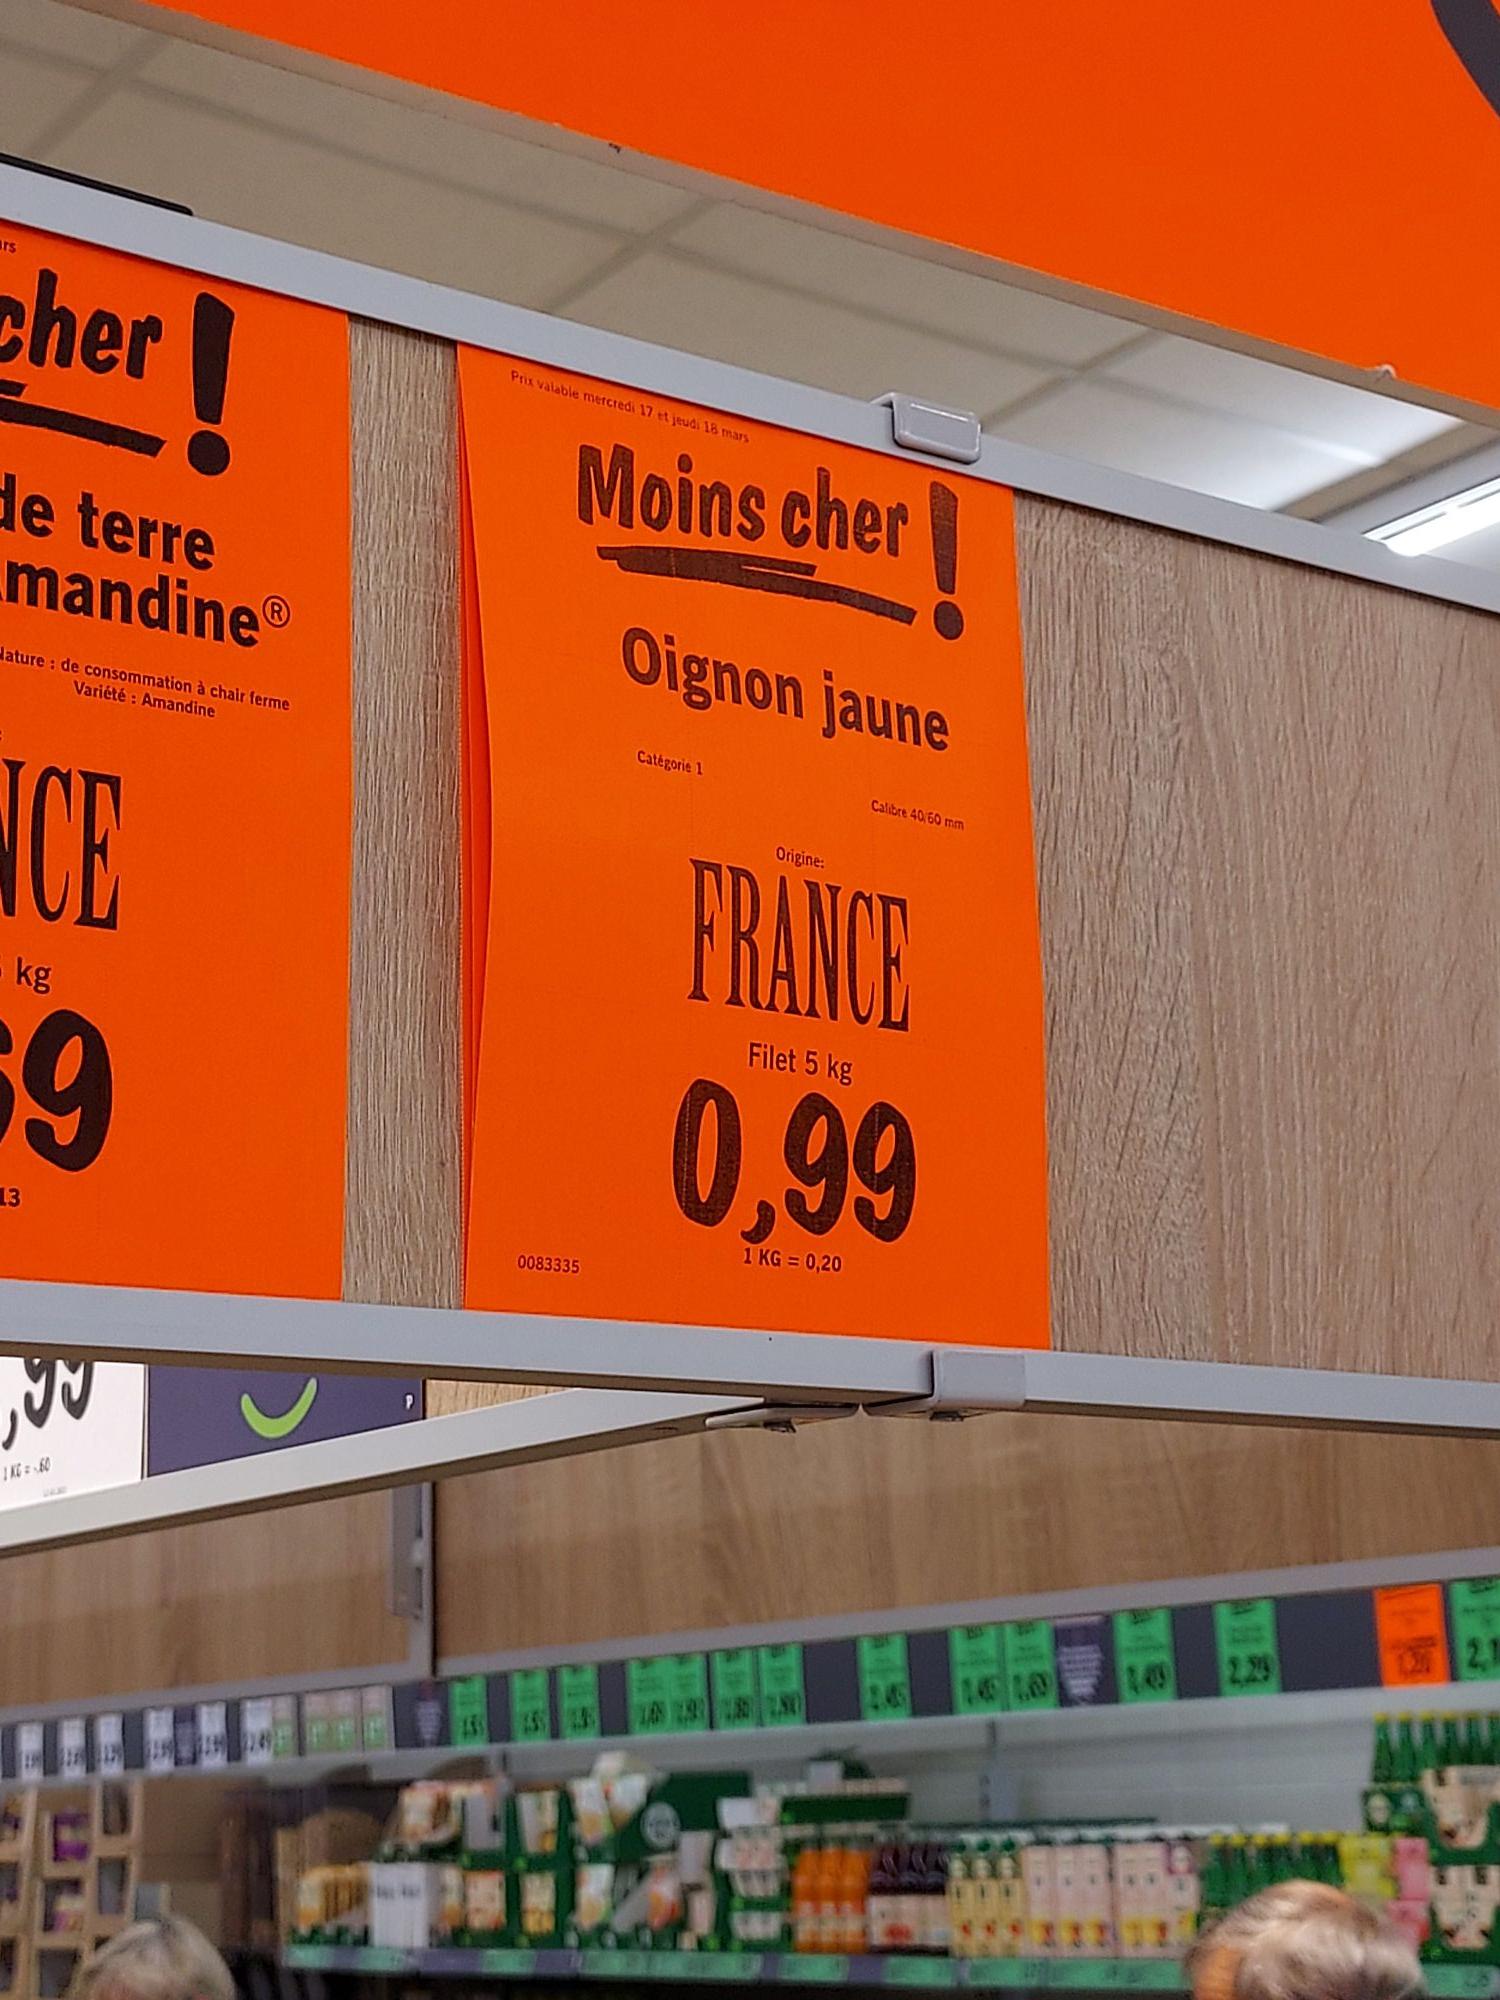 Filet d'oignons jaunes (cat. 1, origine France, 5 kg) ou bananes (le kg) à 0.99€